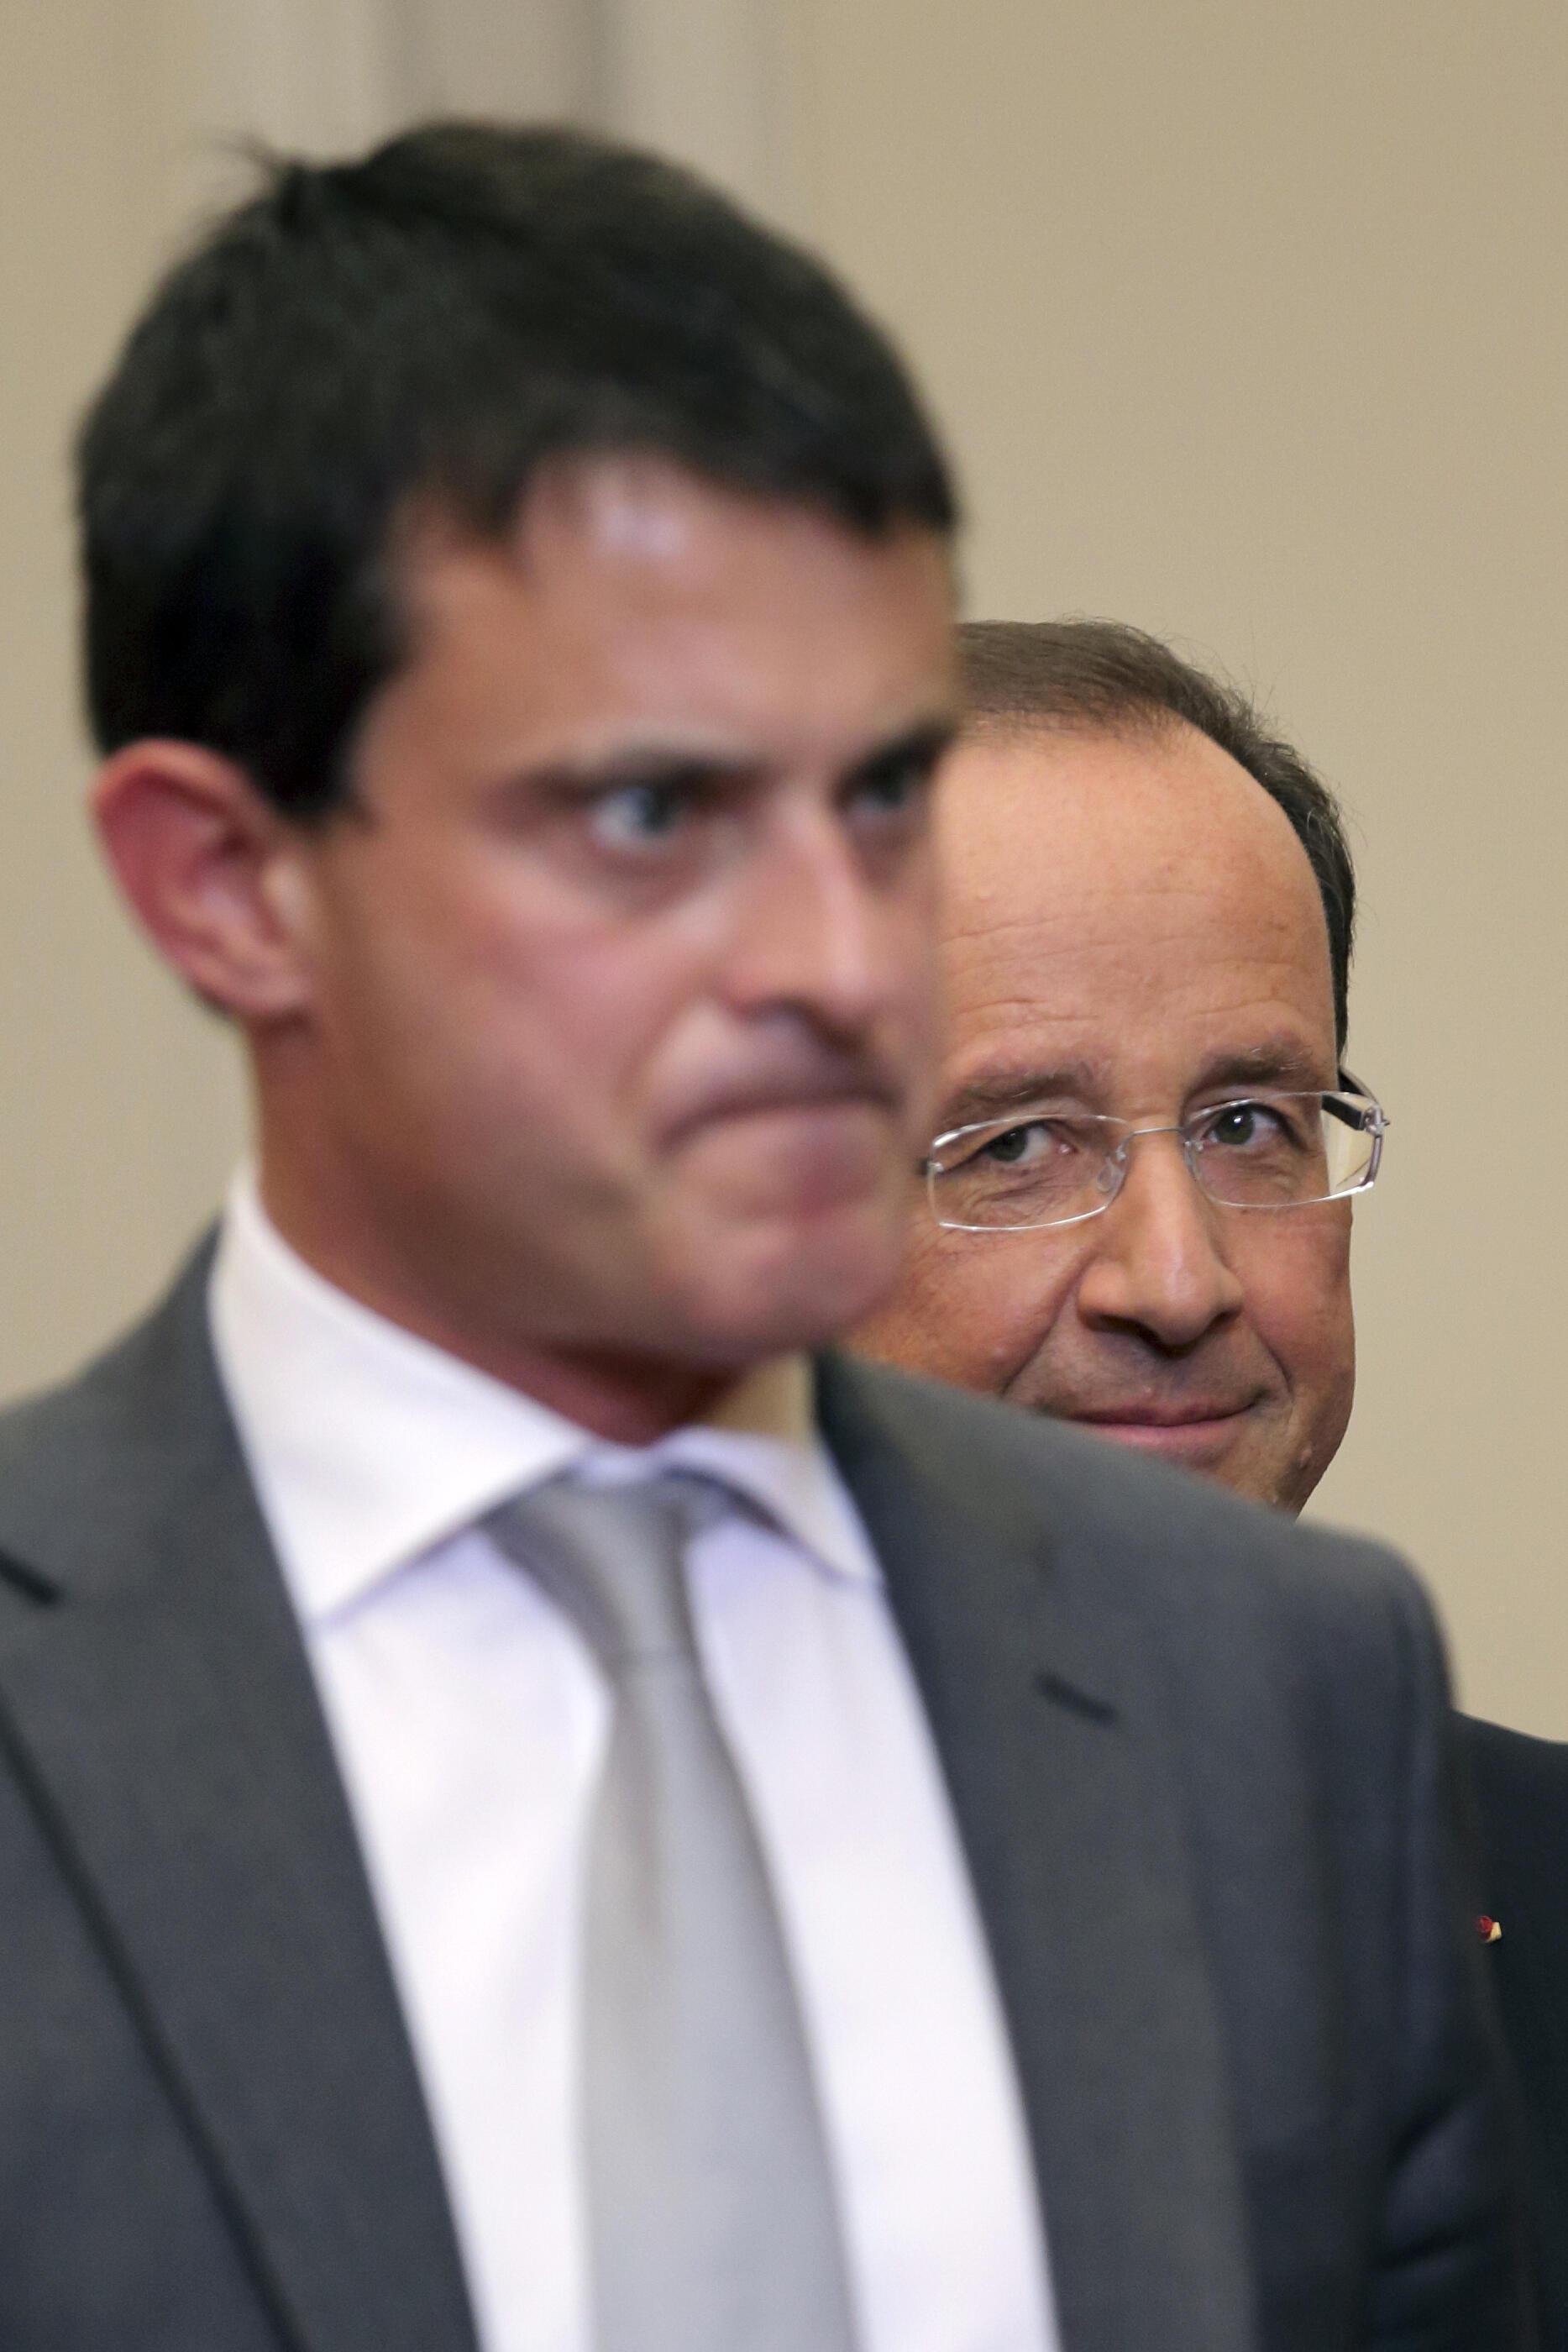 Премьер-министр Манюэль Вальс и президент Франсуа Олланд